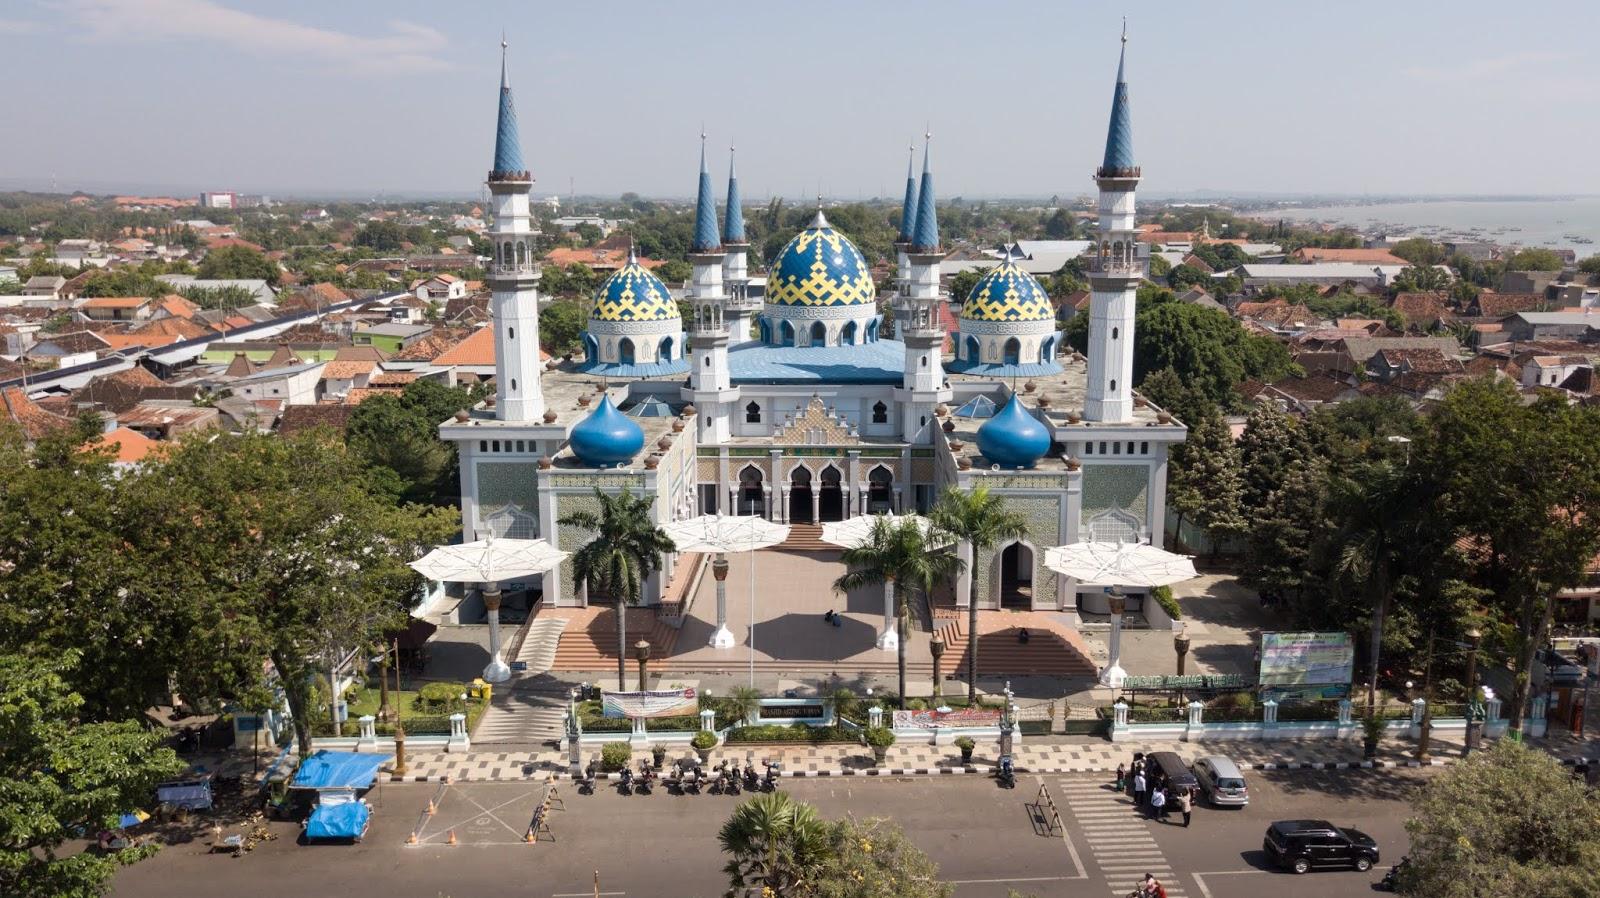 Masjid Agung Tuban Drone Aerial View Sewa Drone Jawa Timur